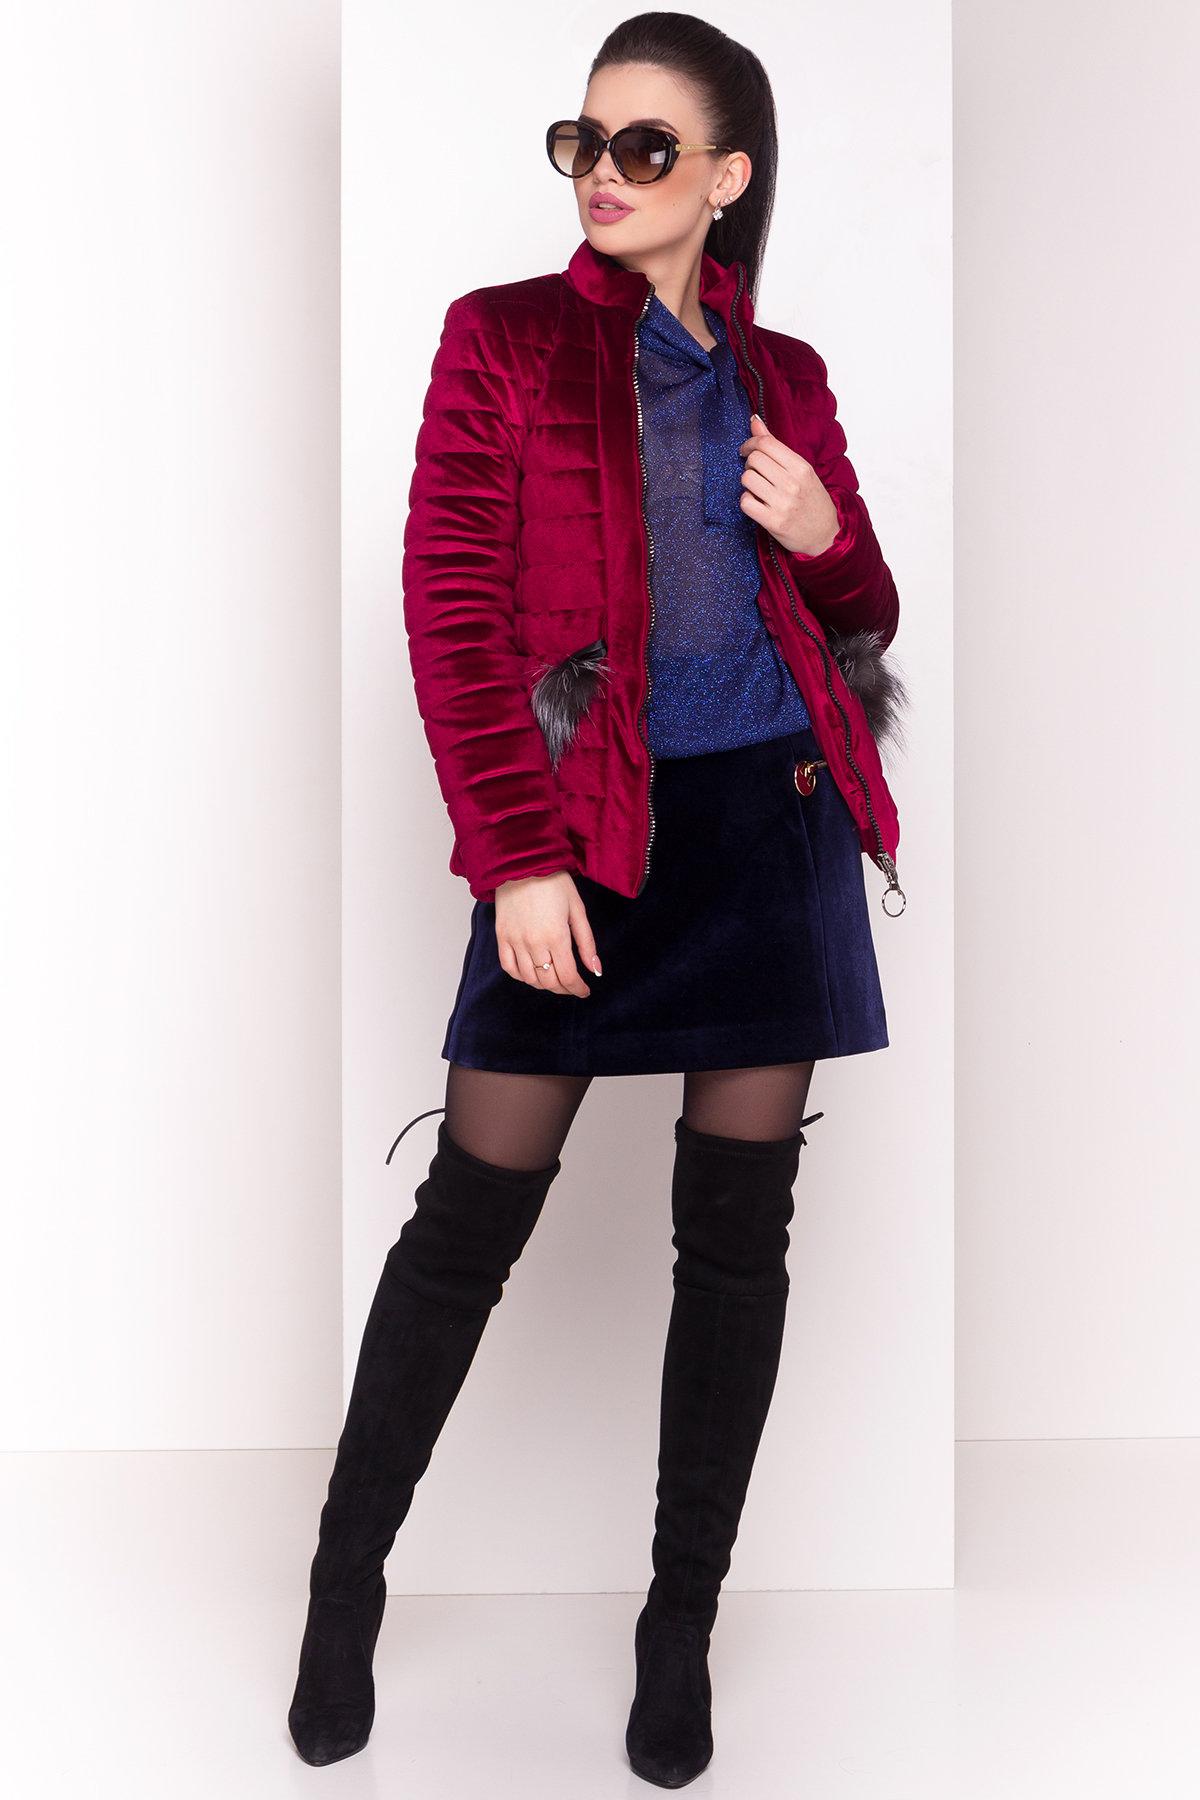 Куртка с мехом на карманах Дезире 4452 АРТ. 21637 Цвет: Марсала - фото 2, интернет магазин tm-modus.ru